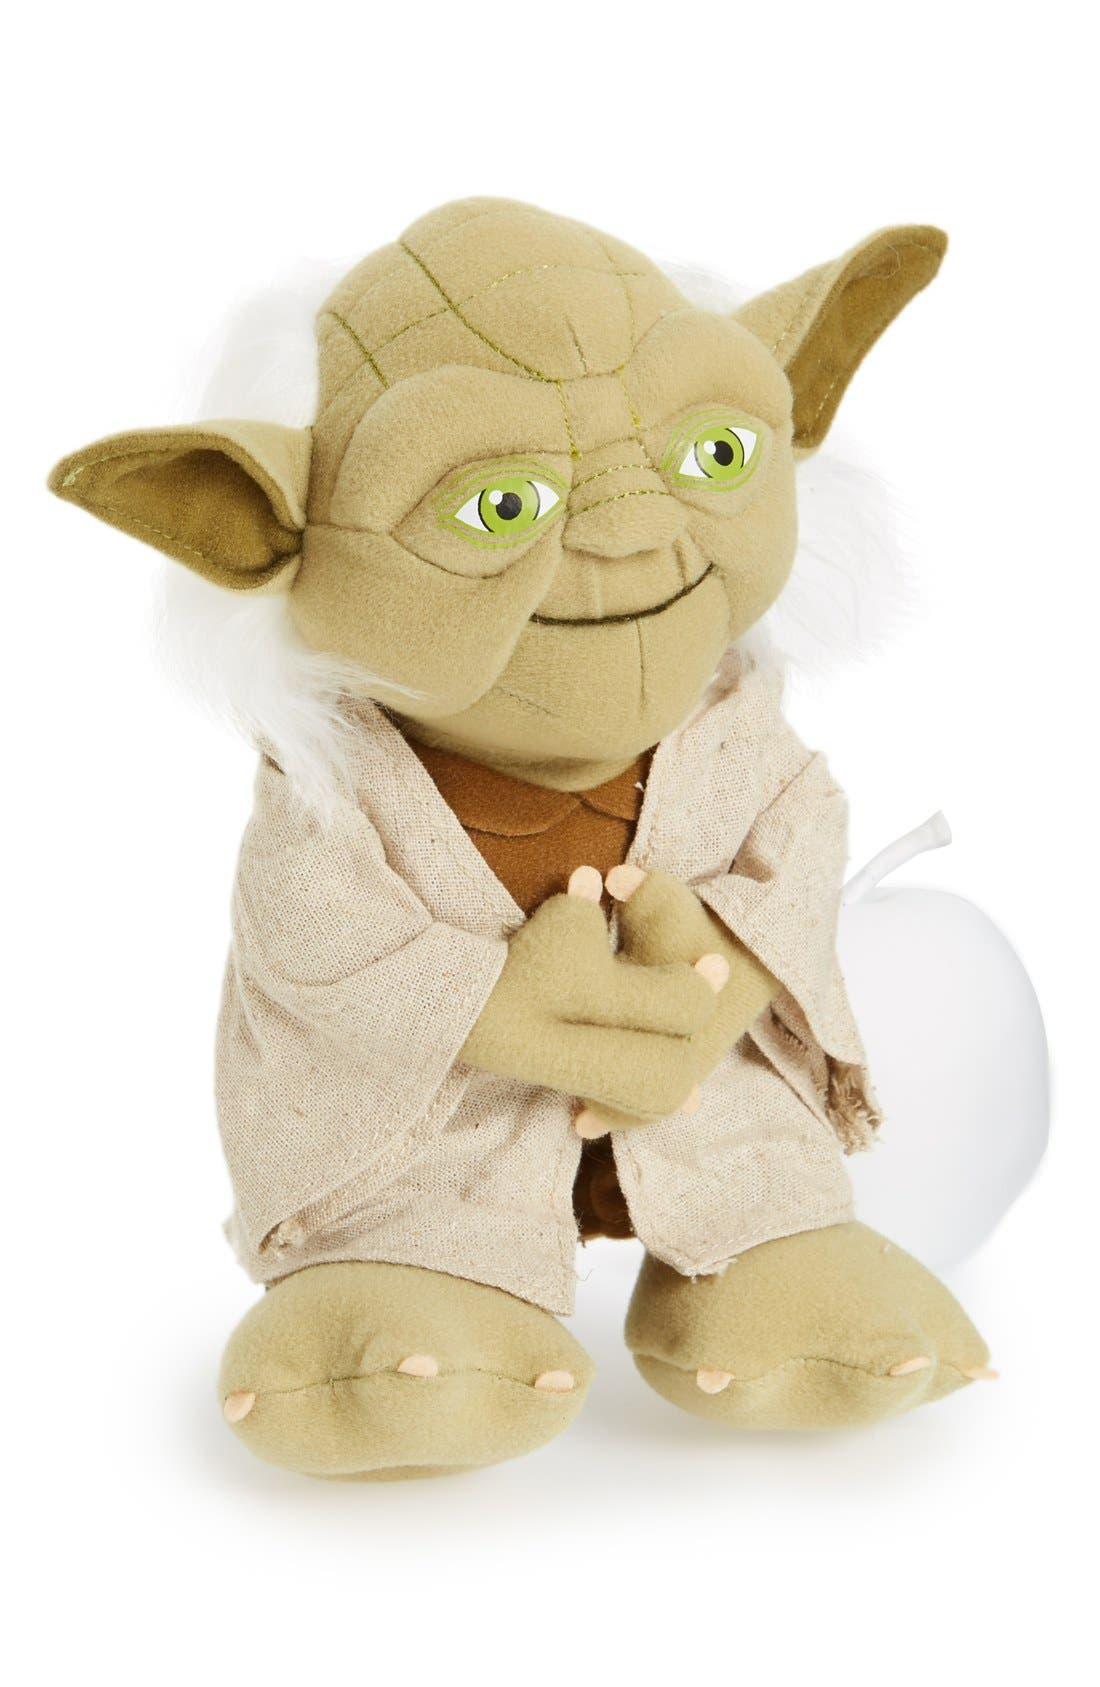 UNDERGROUND TOYS 'Talking Yoda' Plush Toy, Main, color, 000